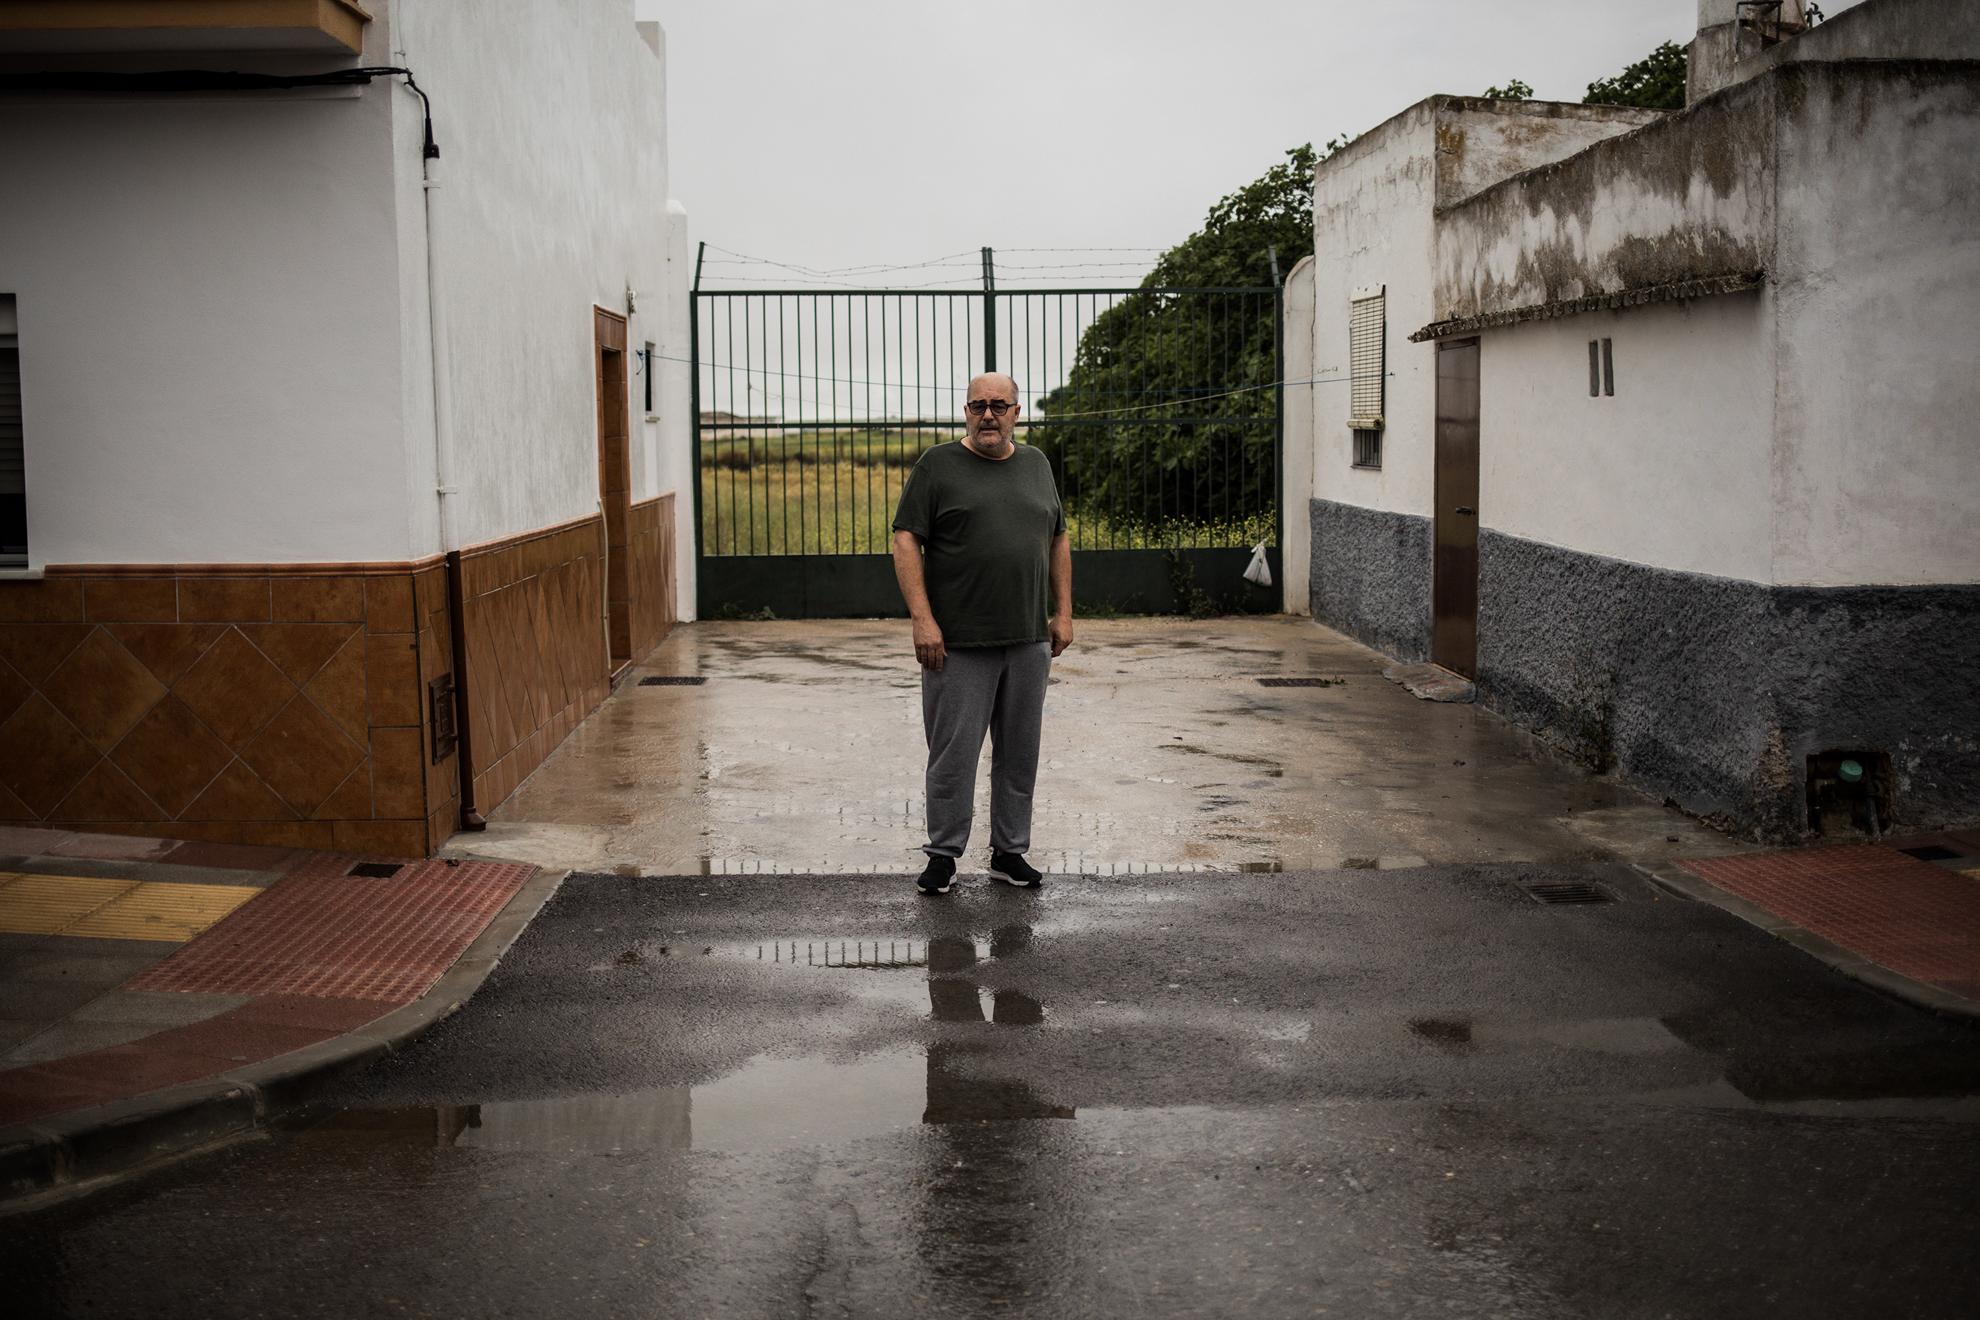 José Díaz, de 56 años, es natural de El Cuervo, Sevilla, pero aparca su coche en la provincia de Cádiz, frente a su casa. Vive en la Avenida de Cádiz del pueblo sevillano, antigua cañada real, que a partir del número 68 pasa a pertenecer a la provincia de Cádiz. Ambas provincias pasan mañana a Fase 1 de la desescalada programada por el gobierno de España por la pandemia de COVID-19, que impide viajar entre provincias, aunque resultará difícil seguir esta norma para los vecinos que habitan aquí ya que cada día cruzan la calle, o sea, de una provincia a otra para comprar el pan, ir al banco o la farmacia. Esta situación administrativa no es nueva, llevan décadas así, vecinos que tributan en diferentes municipios o votan en elecciones en lugares diferentes. En la imagen, José con un pie en Cádiz y otro en Sevilla, frente a su hogar.